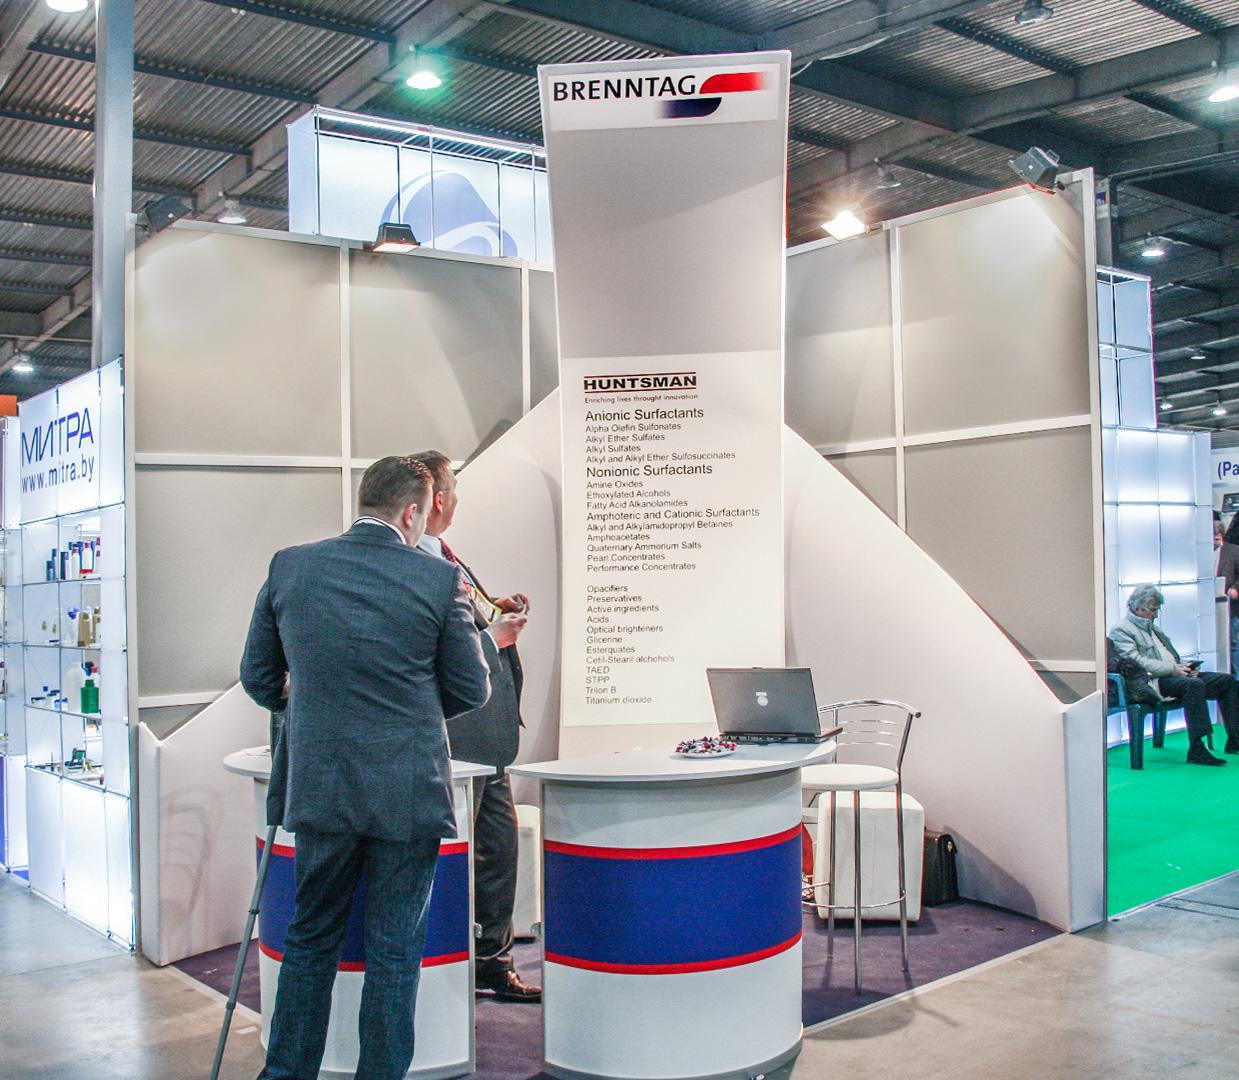 Brenntag CEE Group - Alpaca Expo GroupAlpaca Expo Group